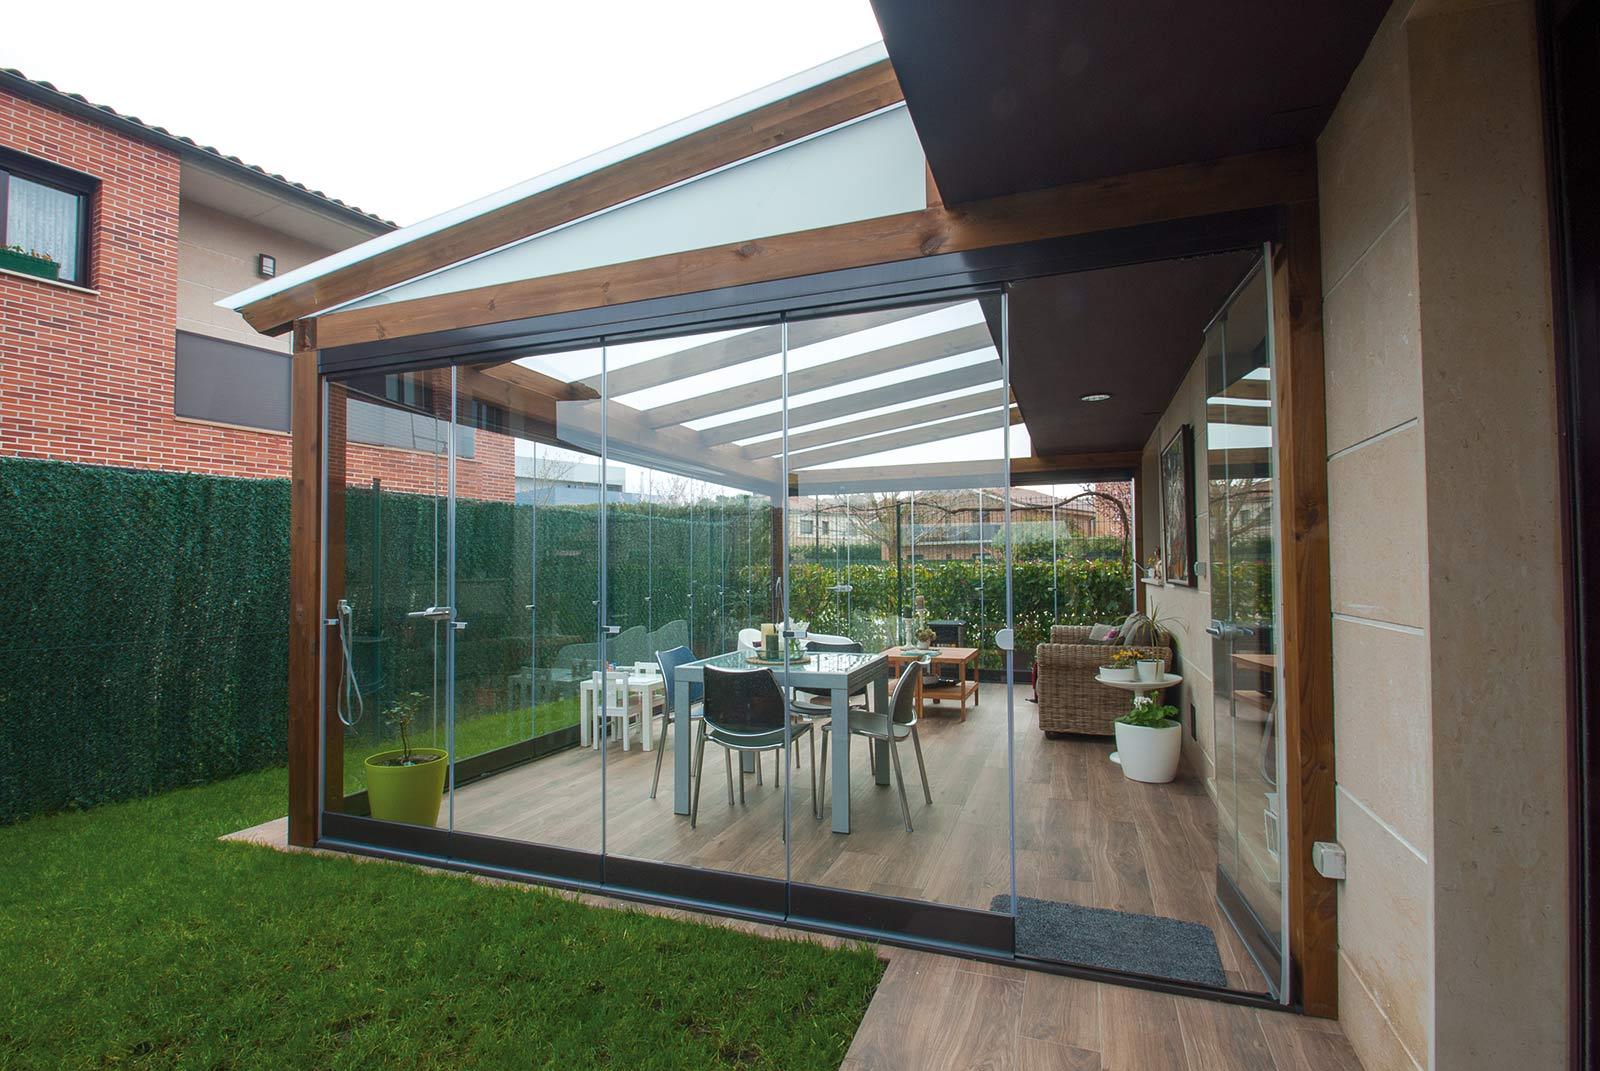 porche-jardin-madera-cristal-lumon-cerrado-abierto-8